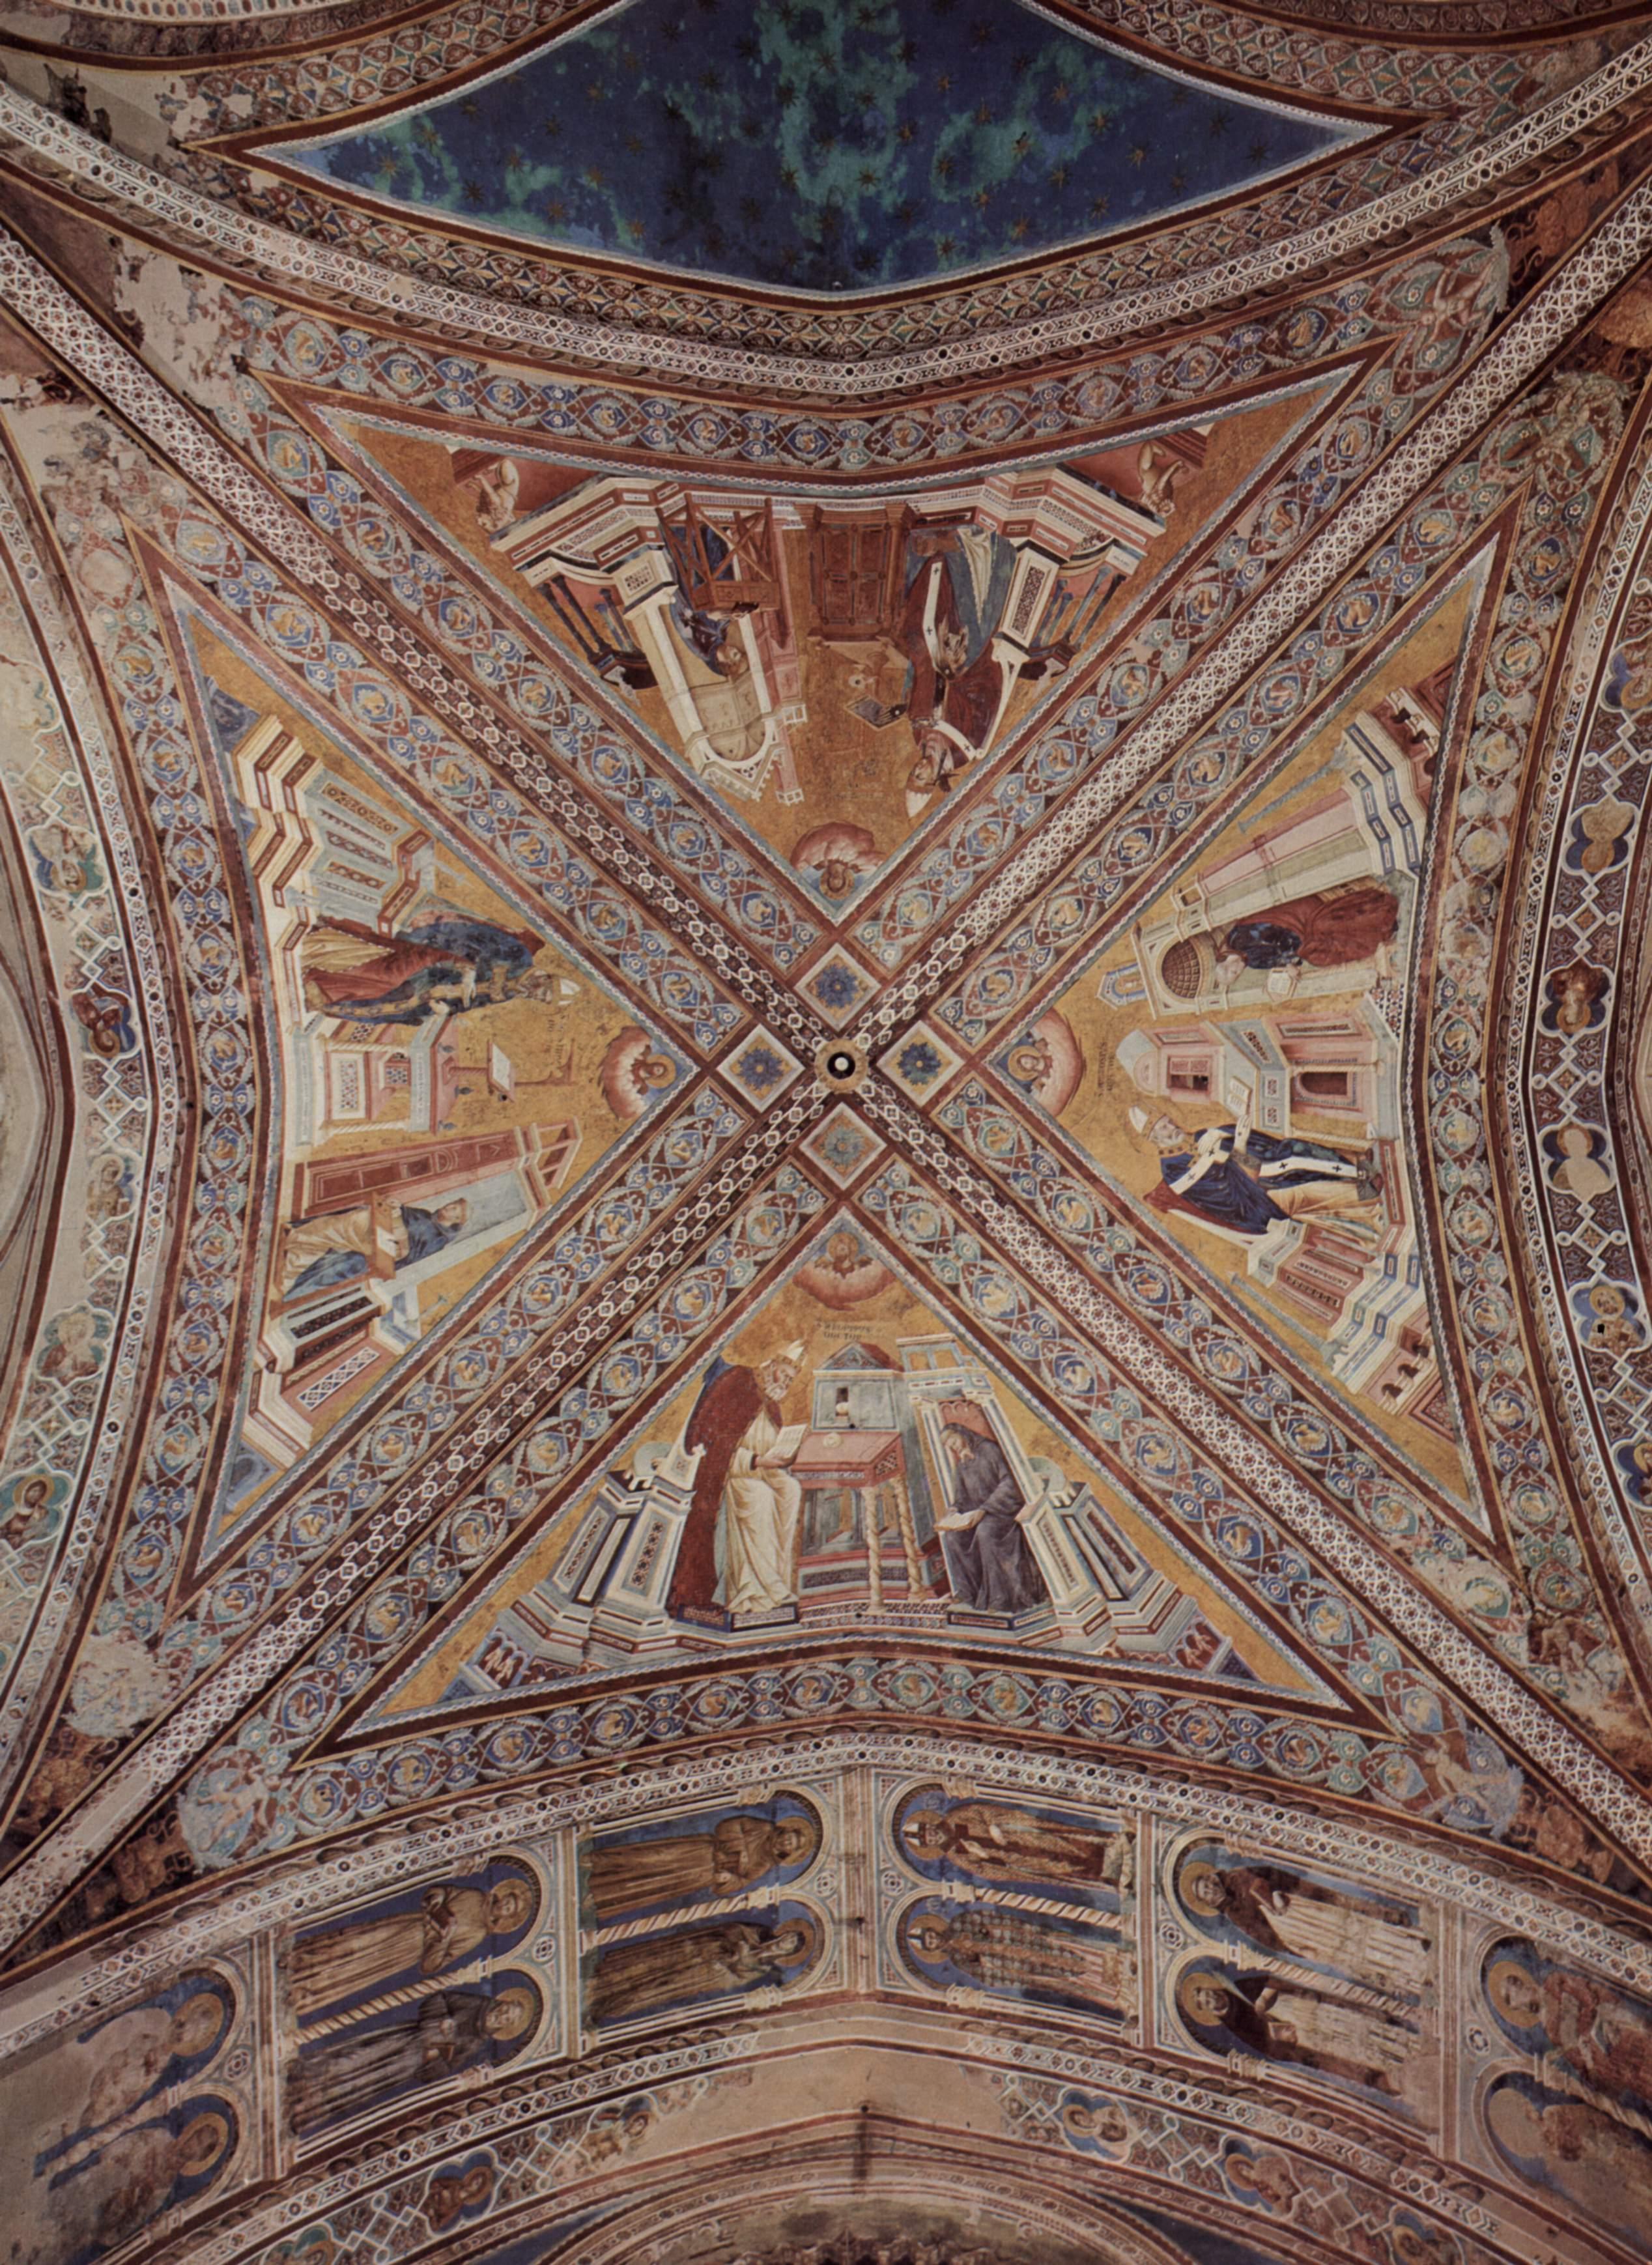 Цикл фресок о жизни св. Франциска Ассизского. Общий вид купола, Джотто ди Бондоне